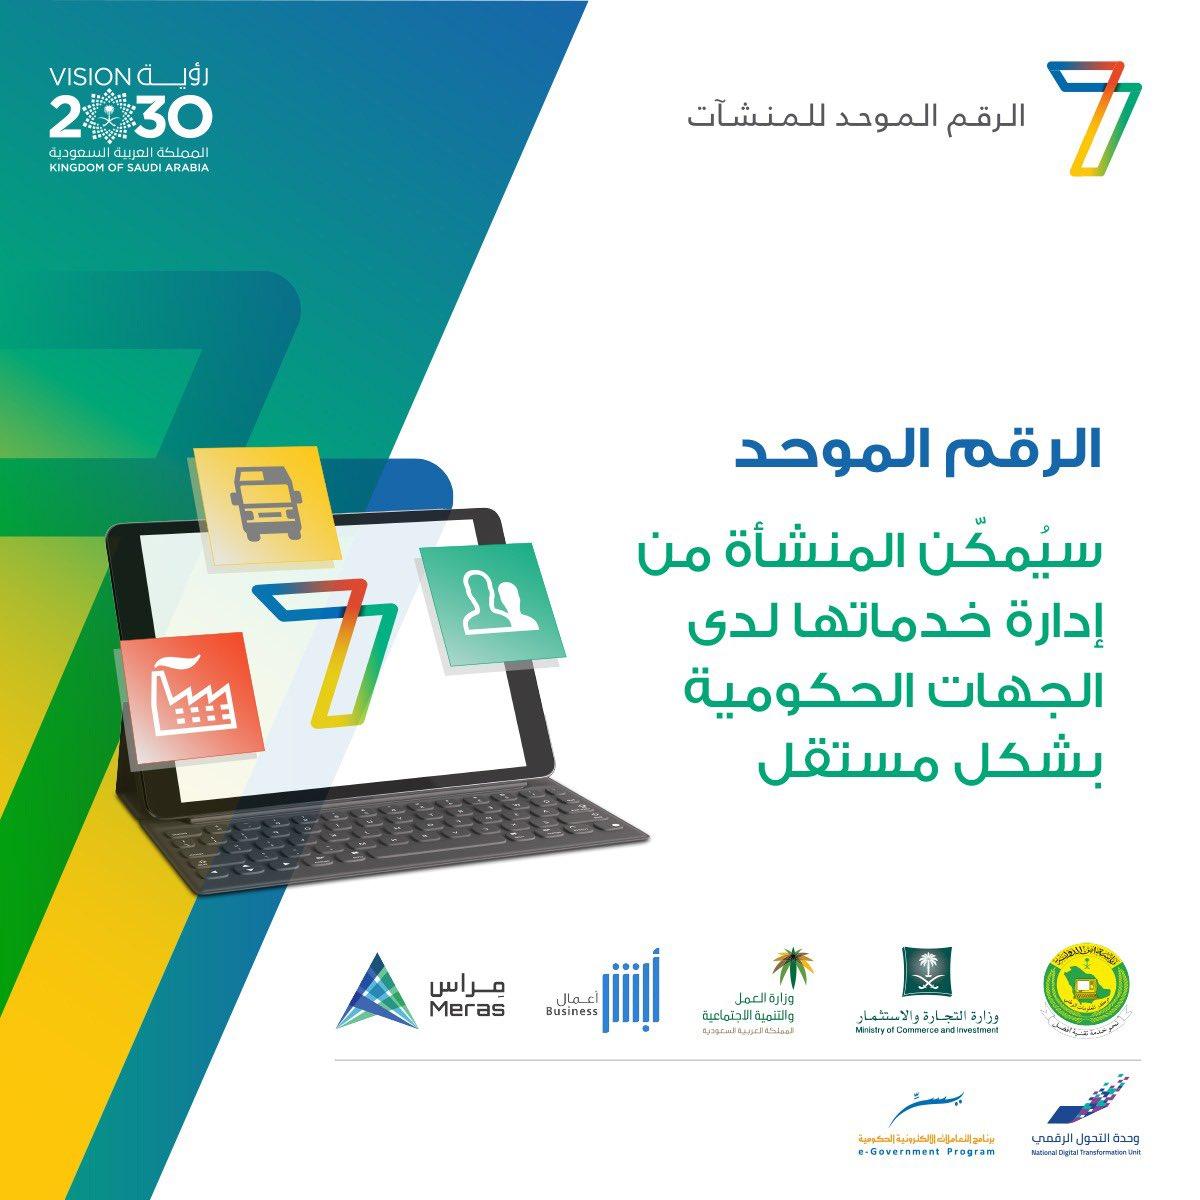 خدماتي الإلكترونية Auf Twitter ماهي خدمة الرقم الموحد للمنشآت تعرف أكثر على الخدمة من خلال الفيديو رؤية السعودية 2030 Https T Co J0lcg89yic